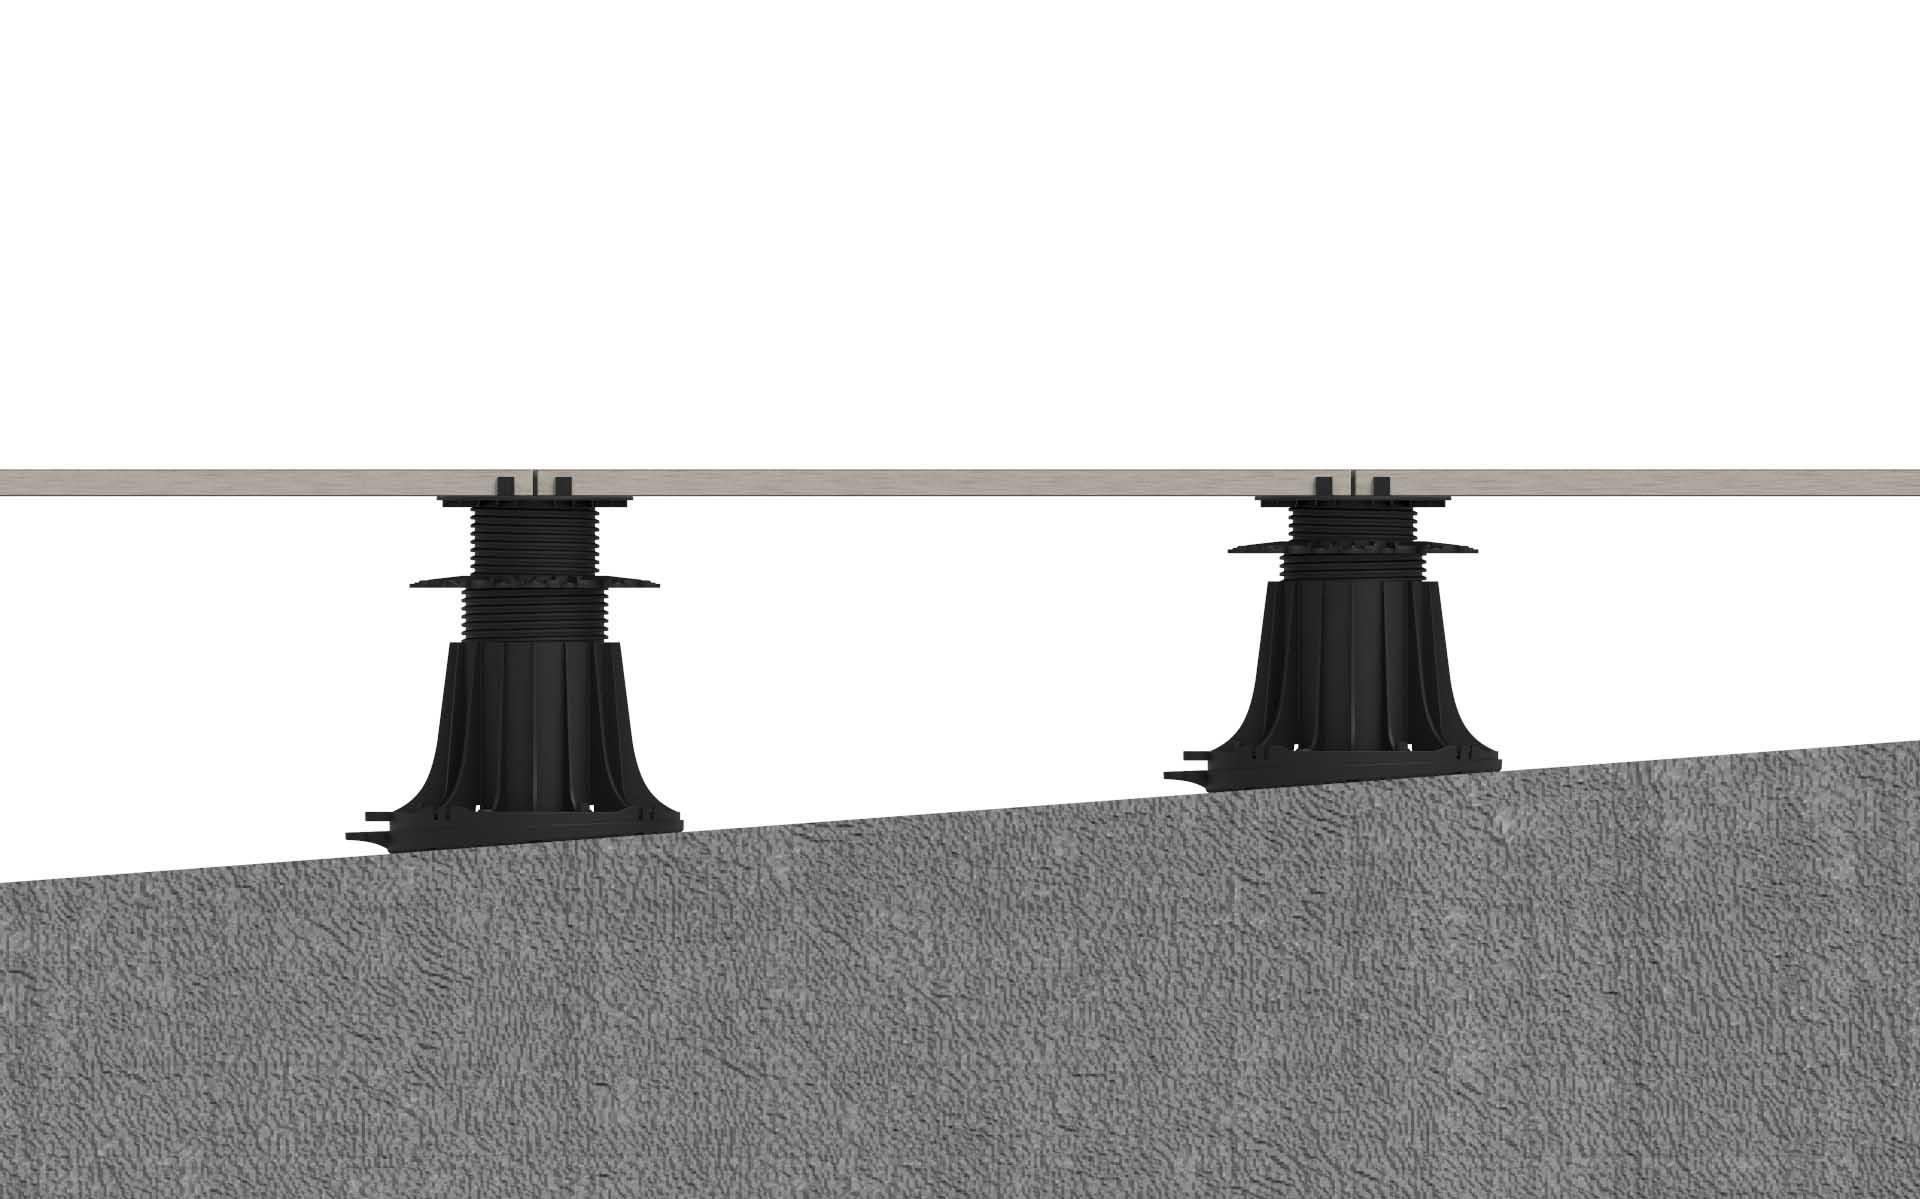 wyrównanie dużego spadku na płycie tarasowej korektorem nachylenia